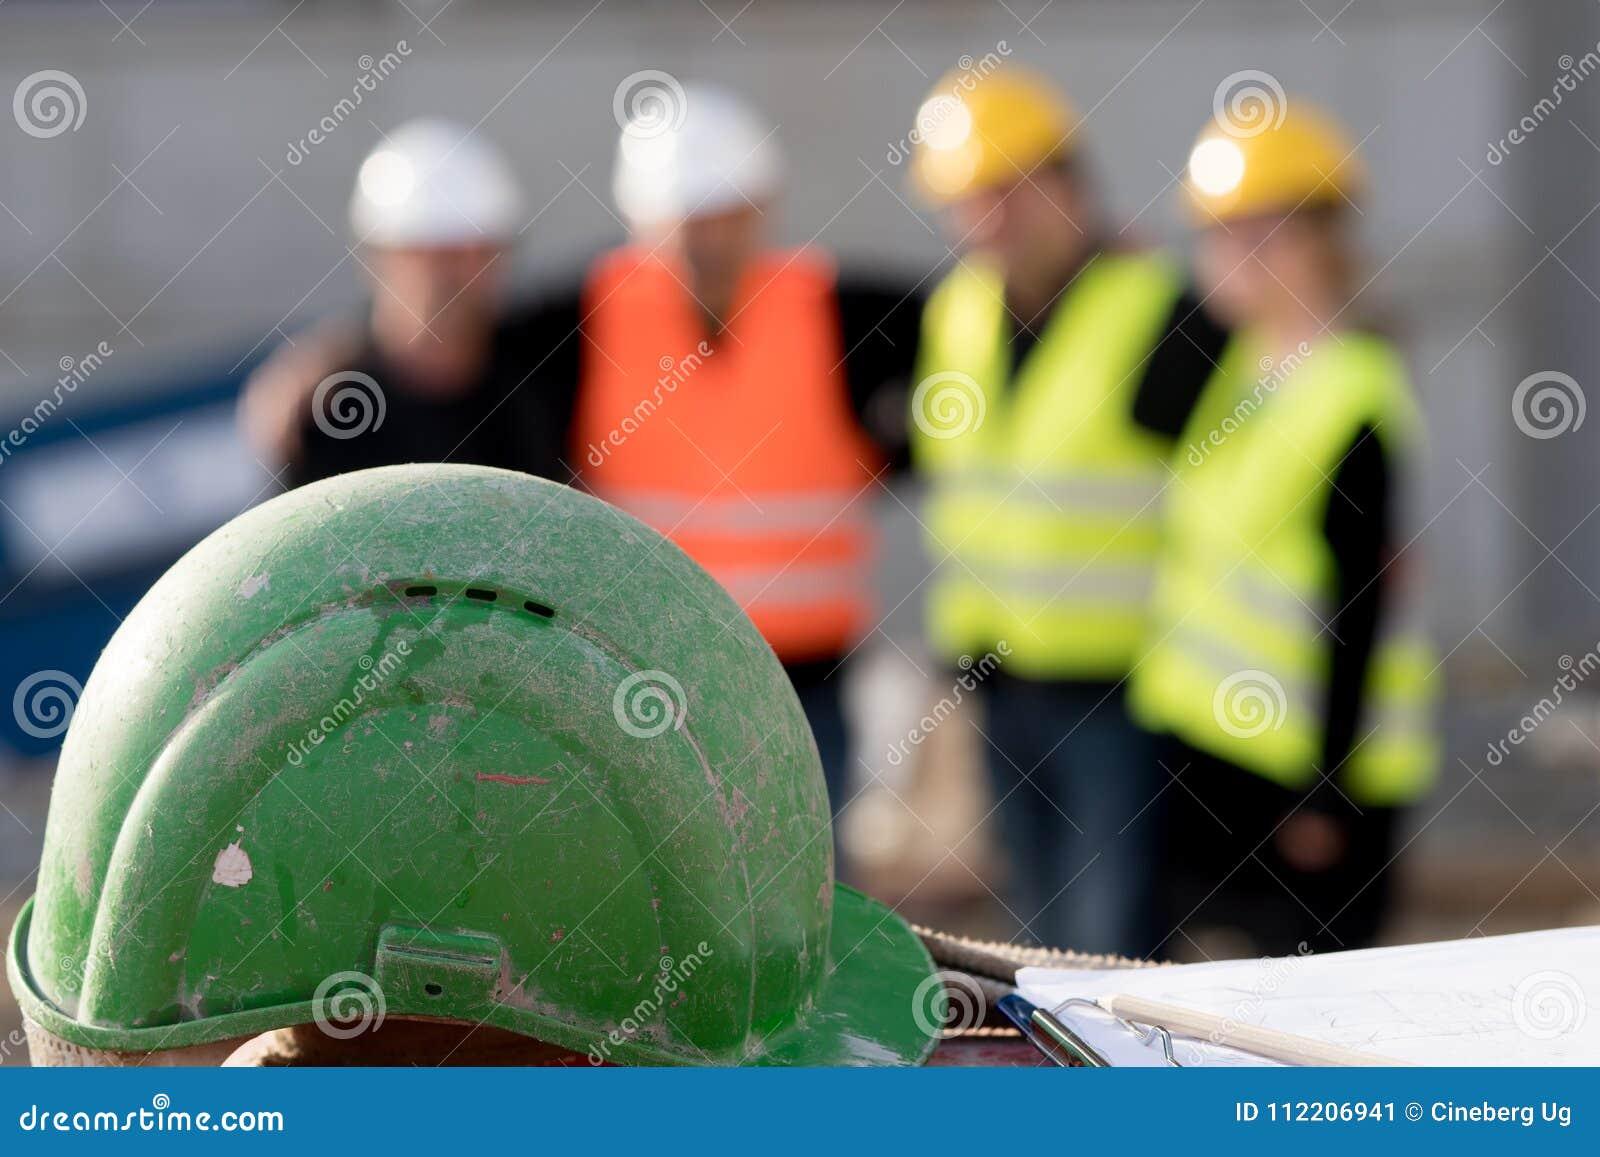 Grön säkerhetshjälm på förgrund Grupp av fyra byggnadsarbetare som poserar på ut ur fokuserad bakgrund